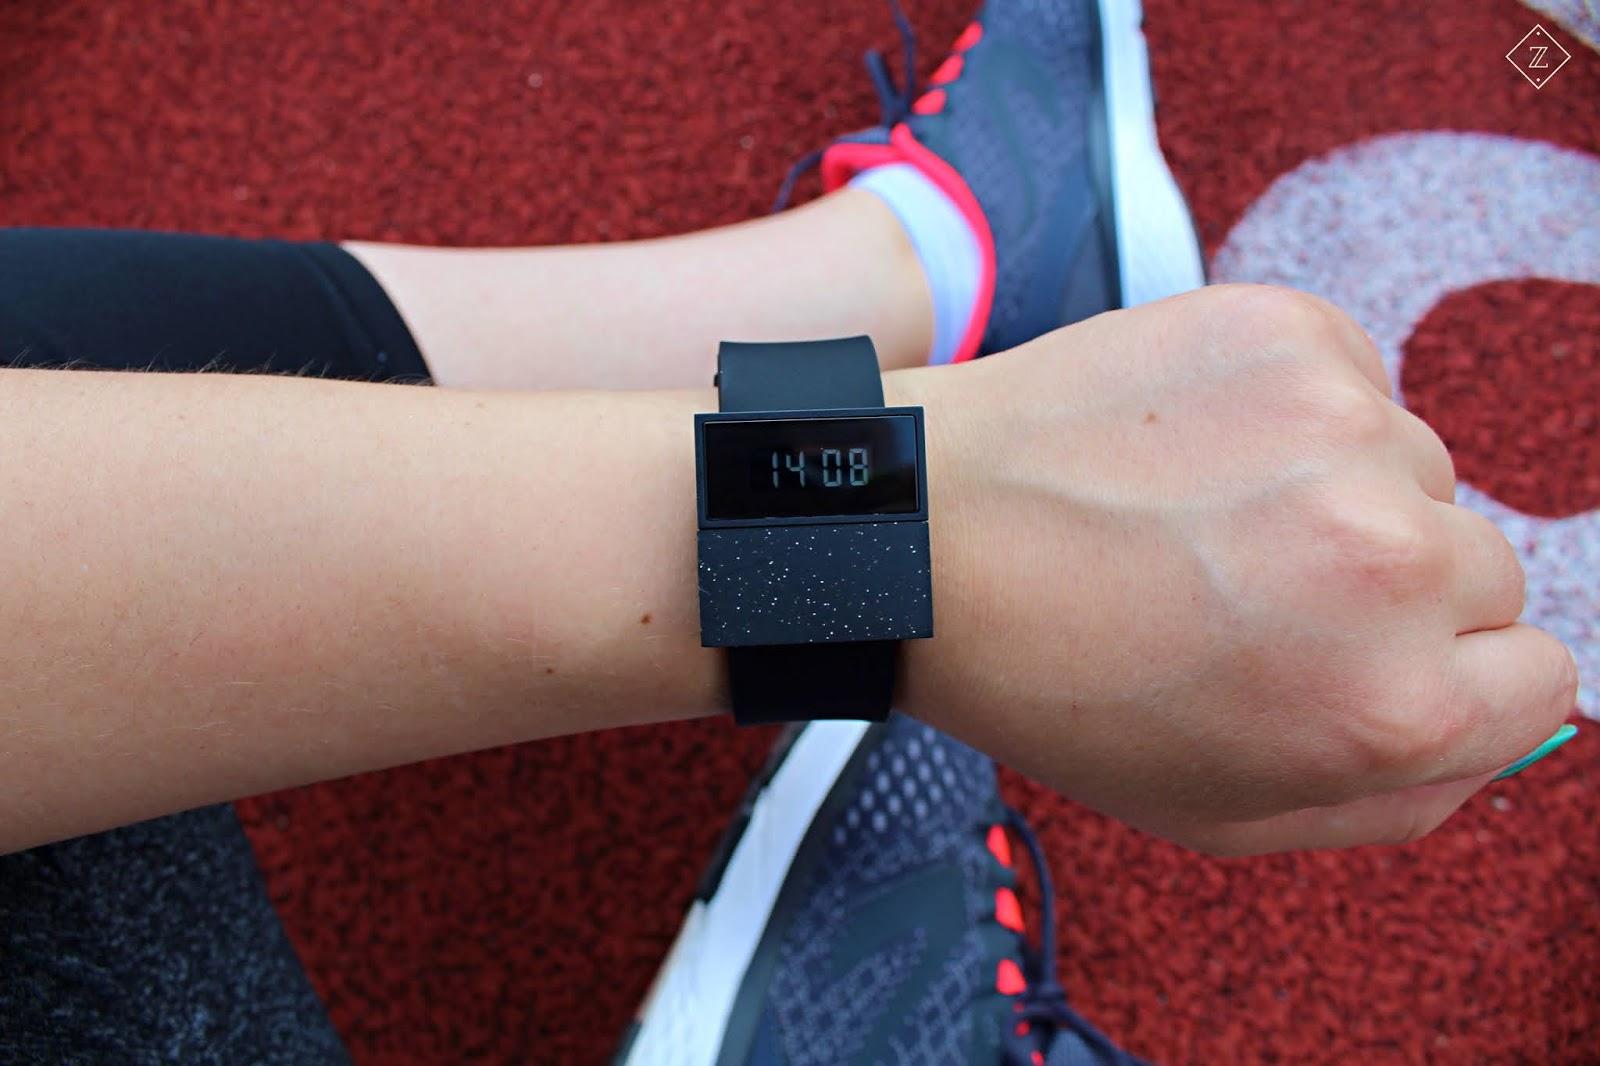 TINT WATCHES - zegarek z przesłaniem